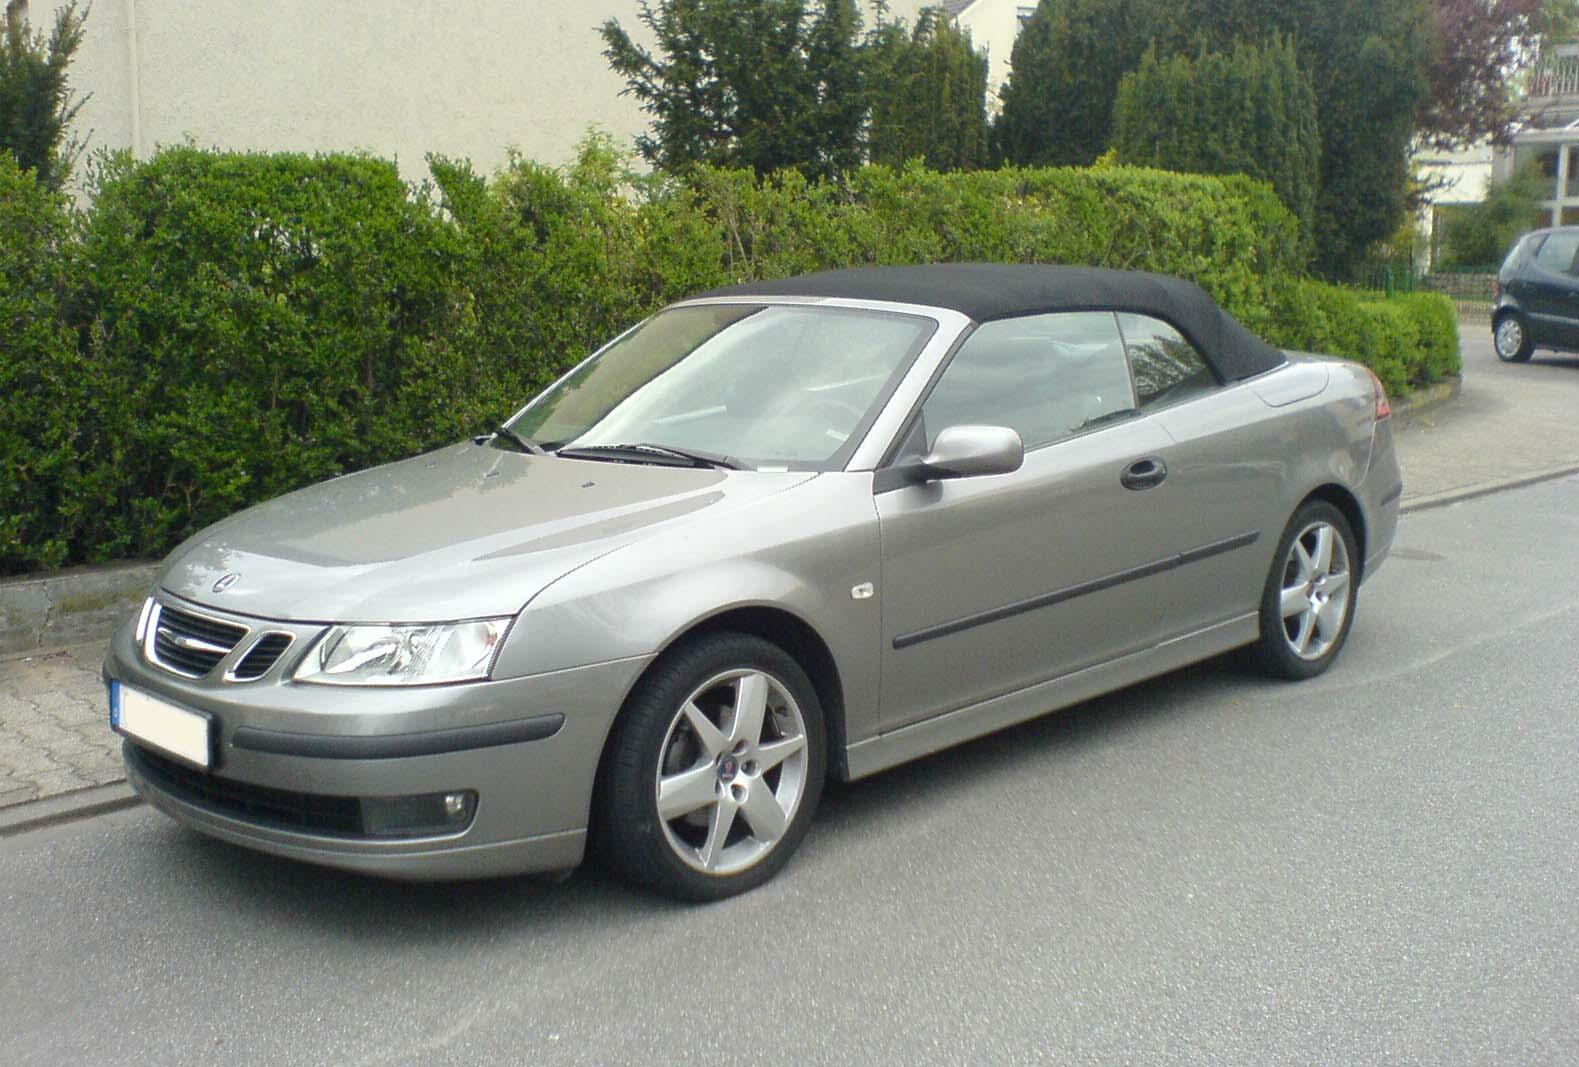 SAAB 9-3 Cabrio (2003)